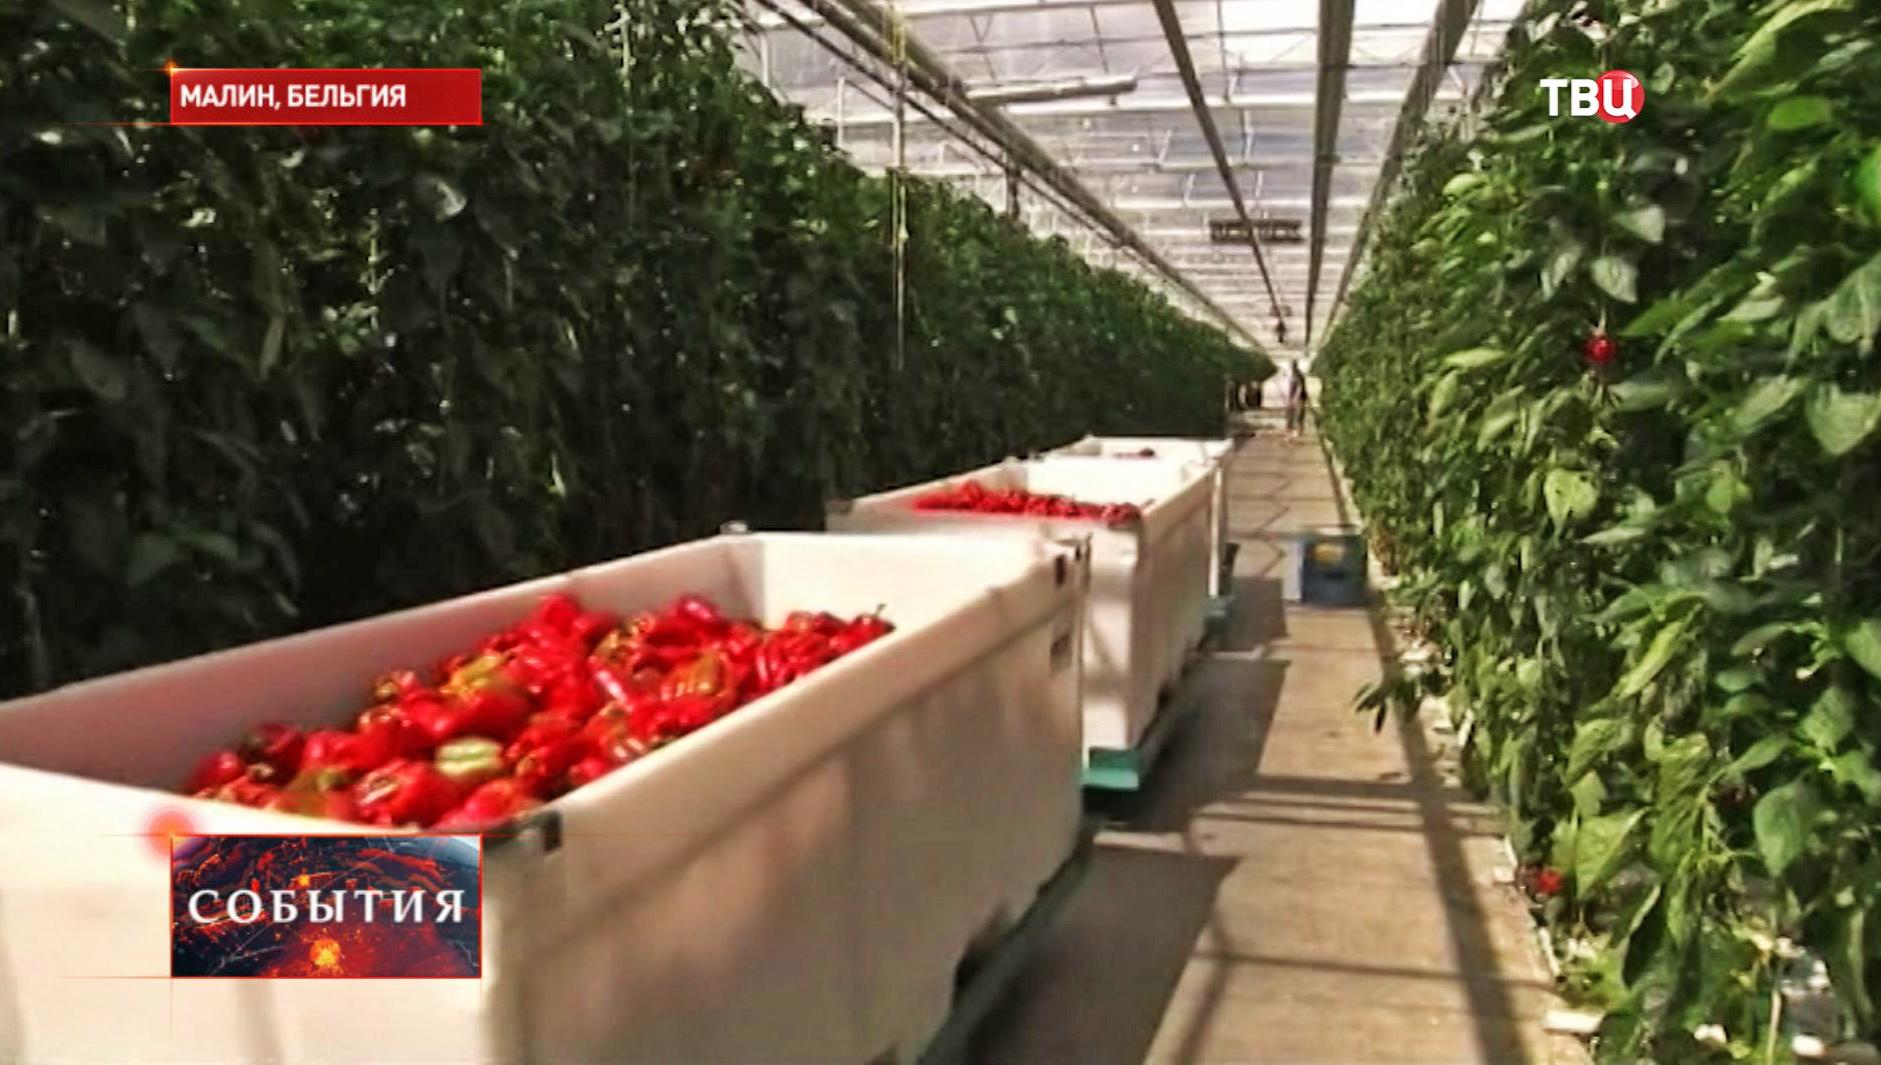 Сбор урожая в Бельгии